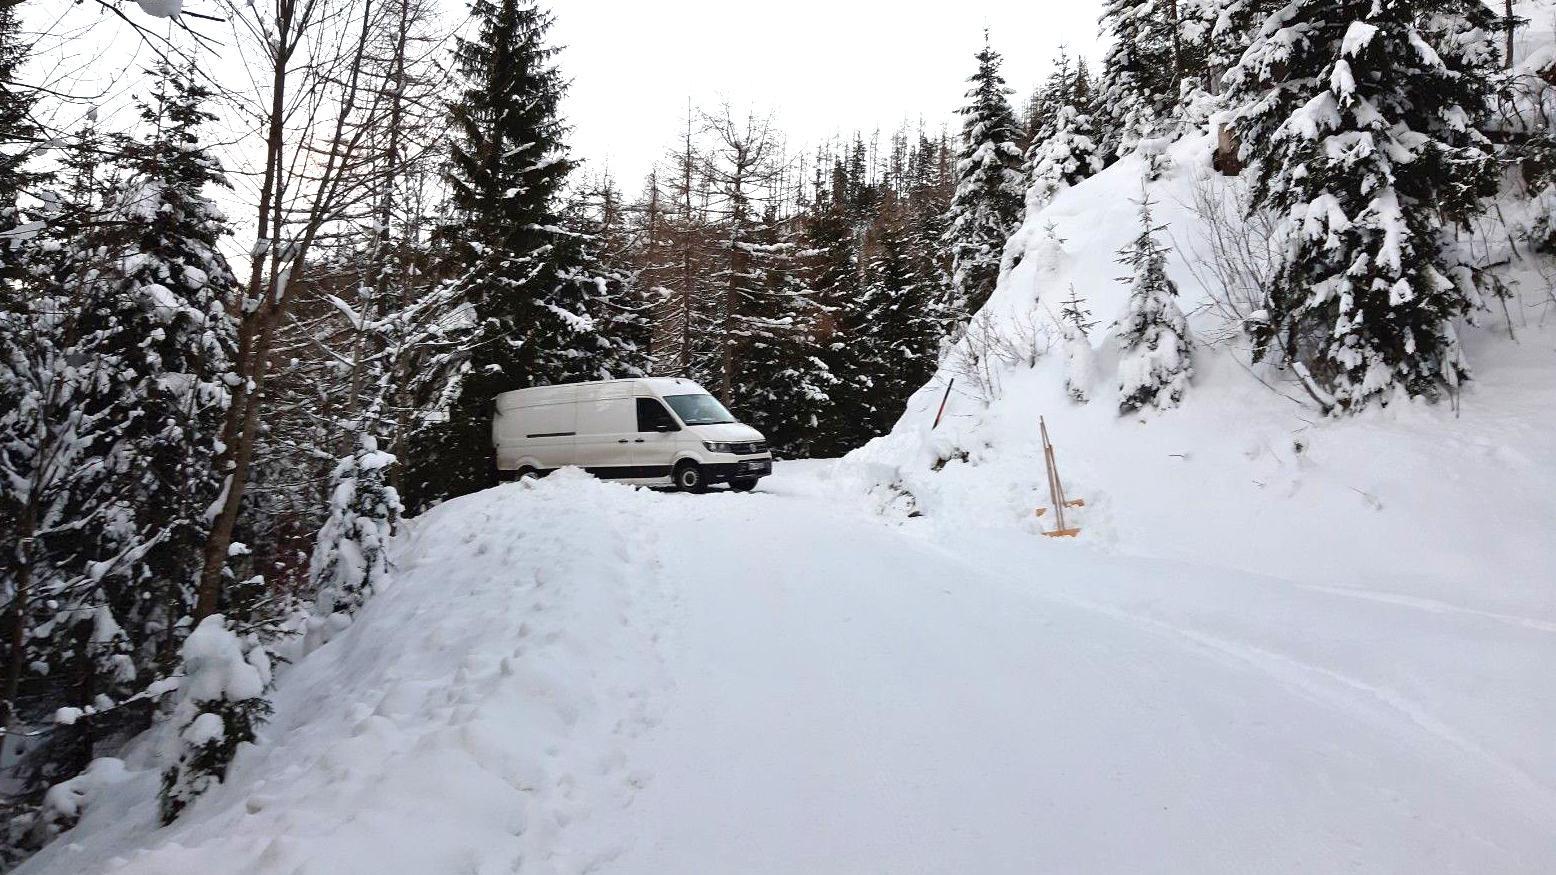 Der im Schnee festgefahrene Paketlieferwagen auf der Forststraße zur Kührointalm.